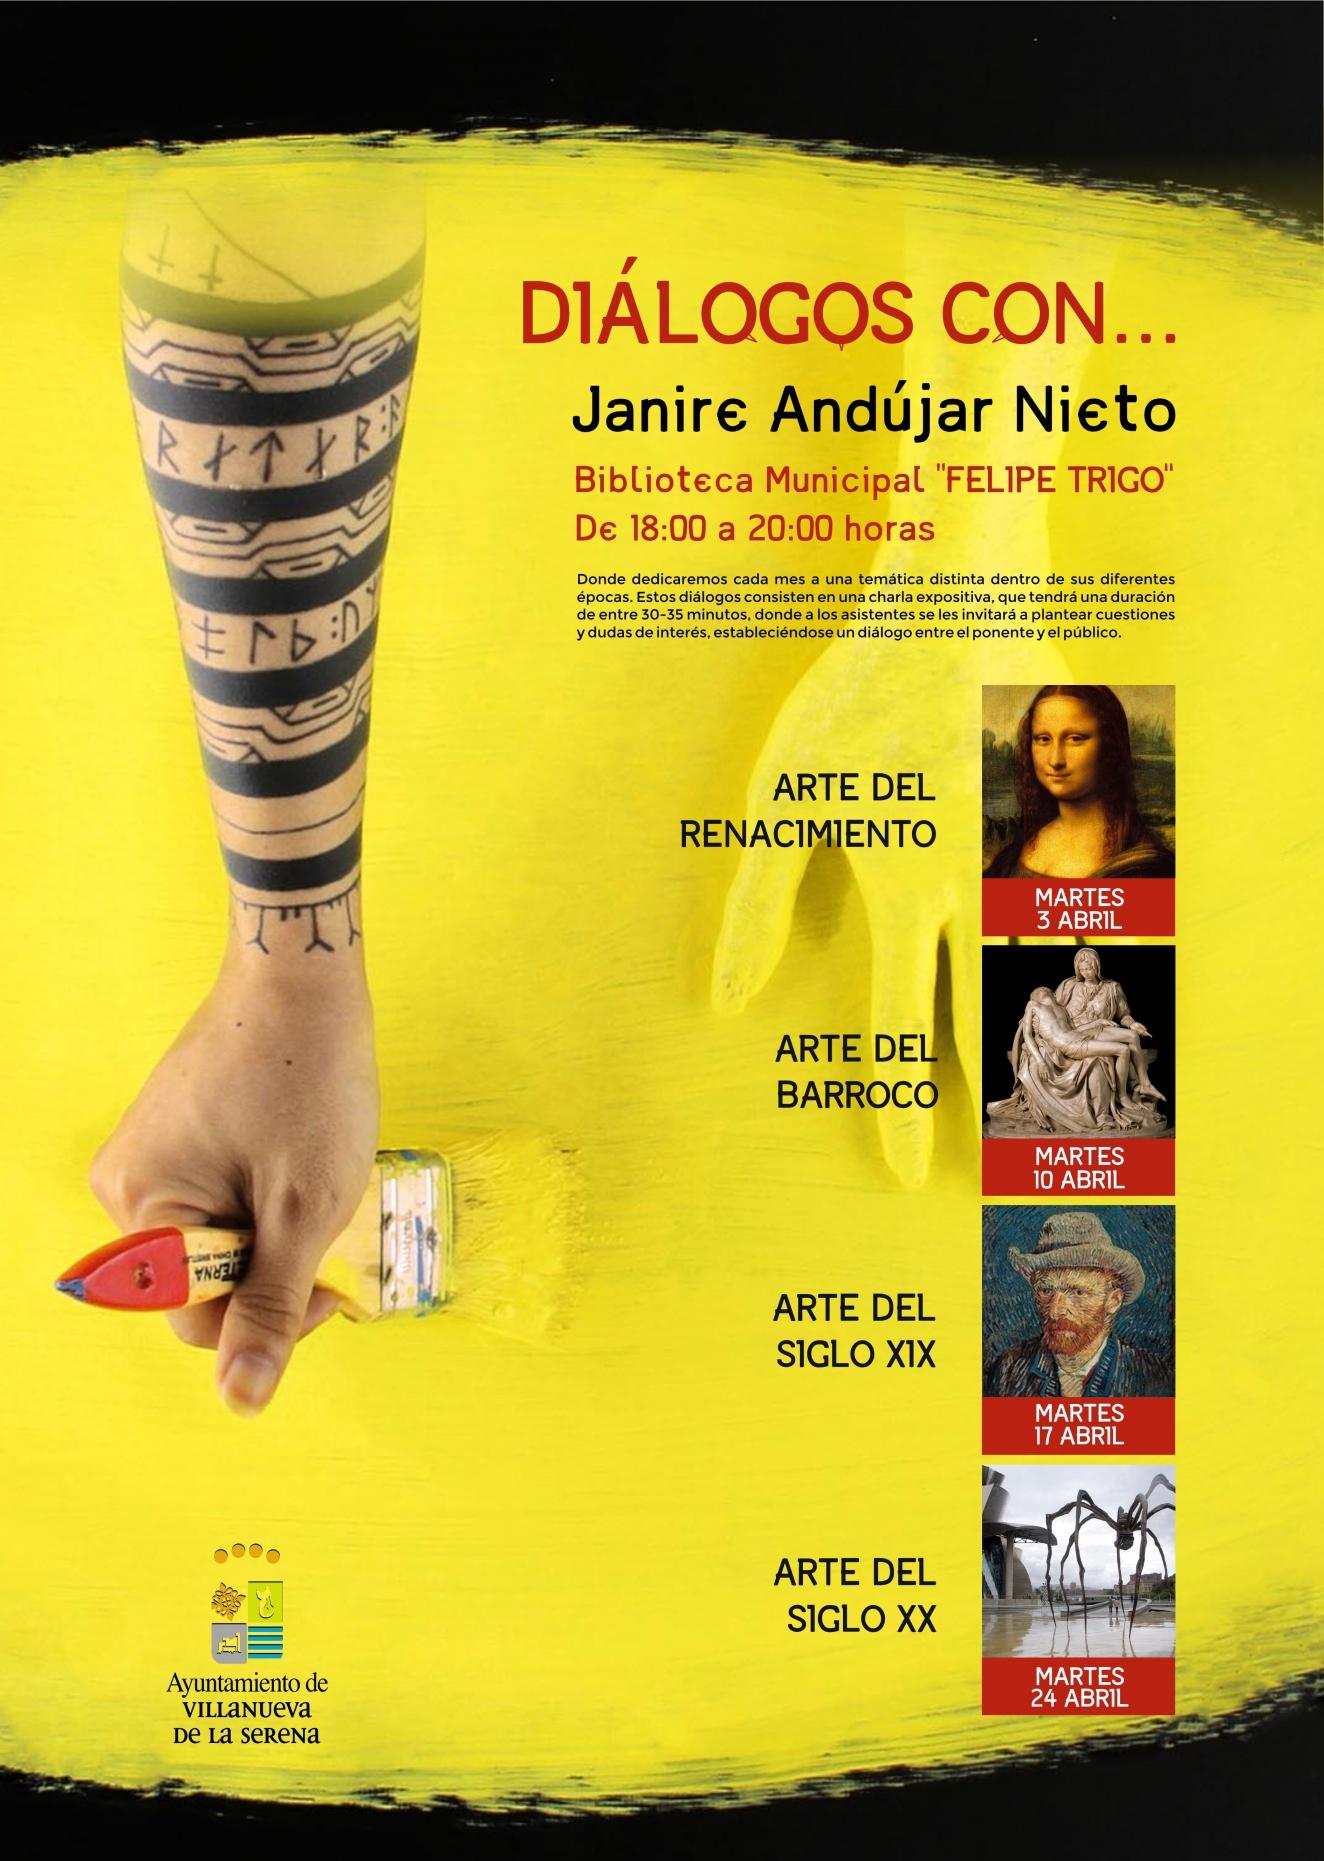 Diálogos con Janire Andújar Nieto